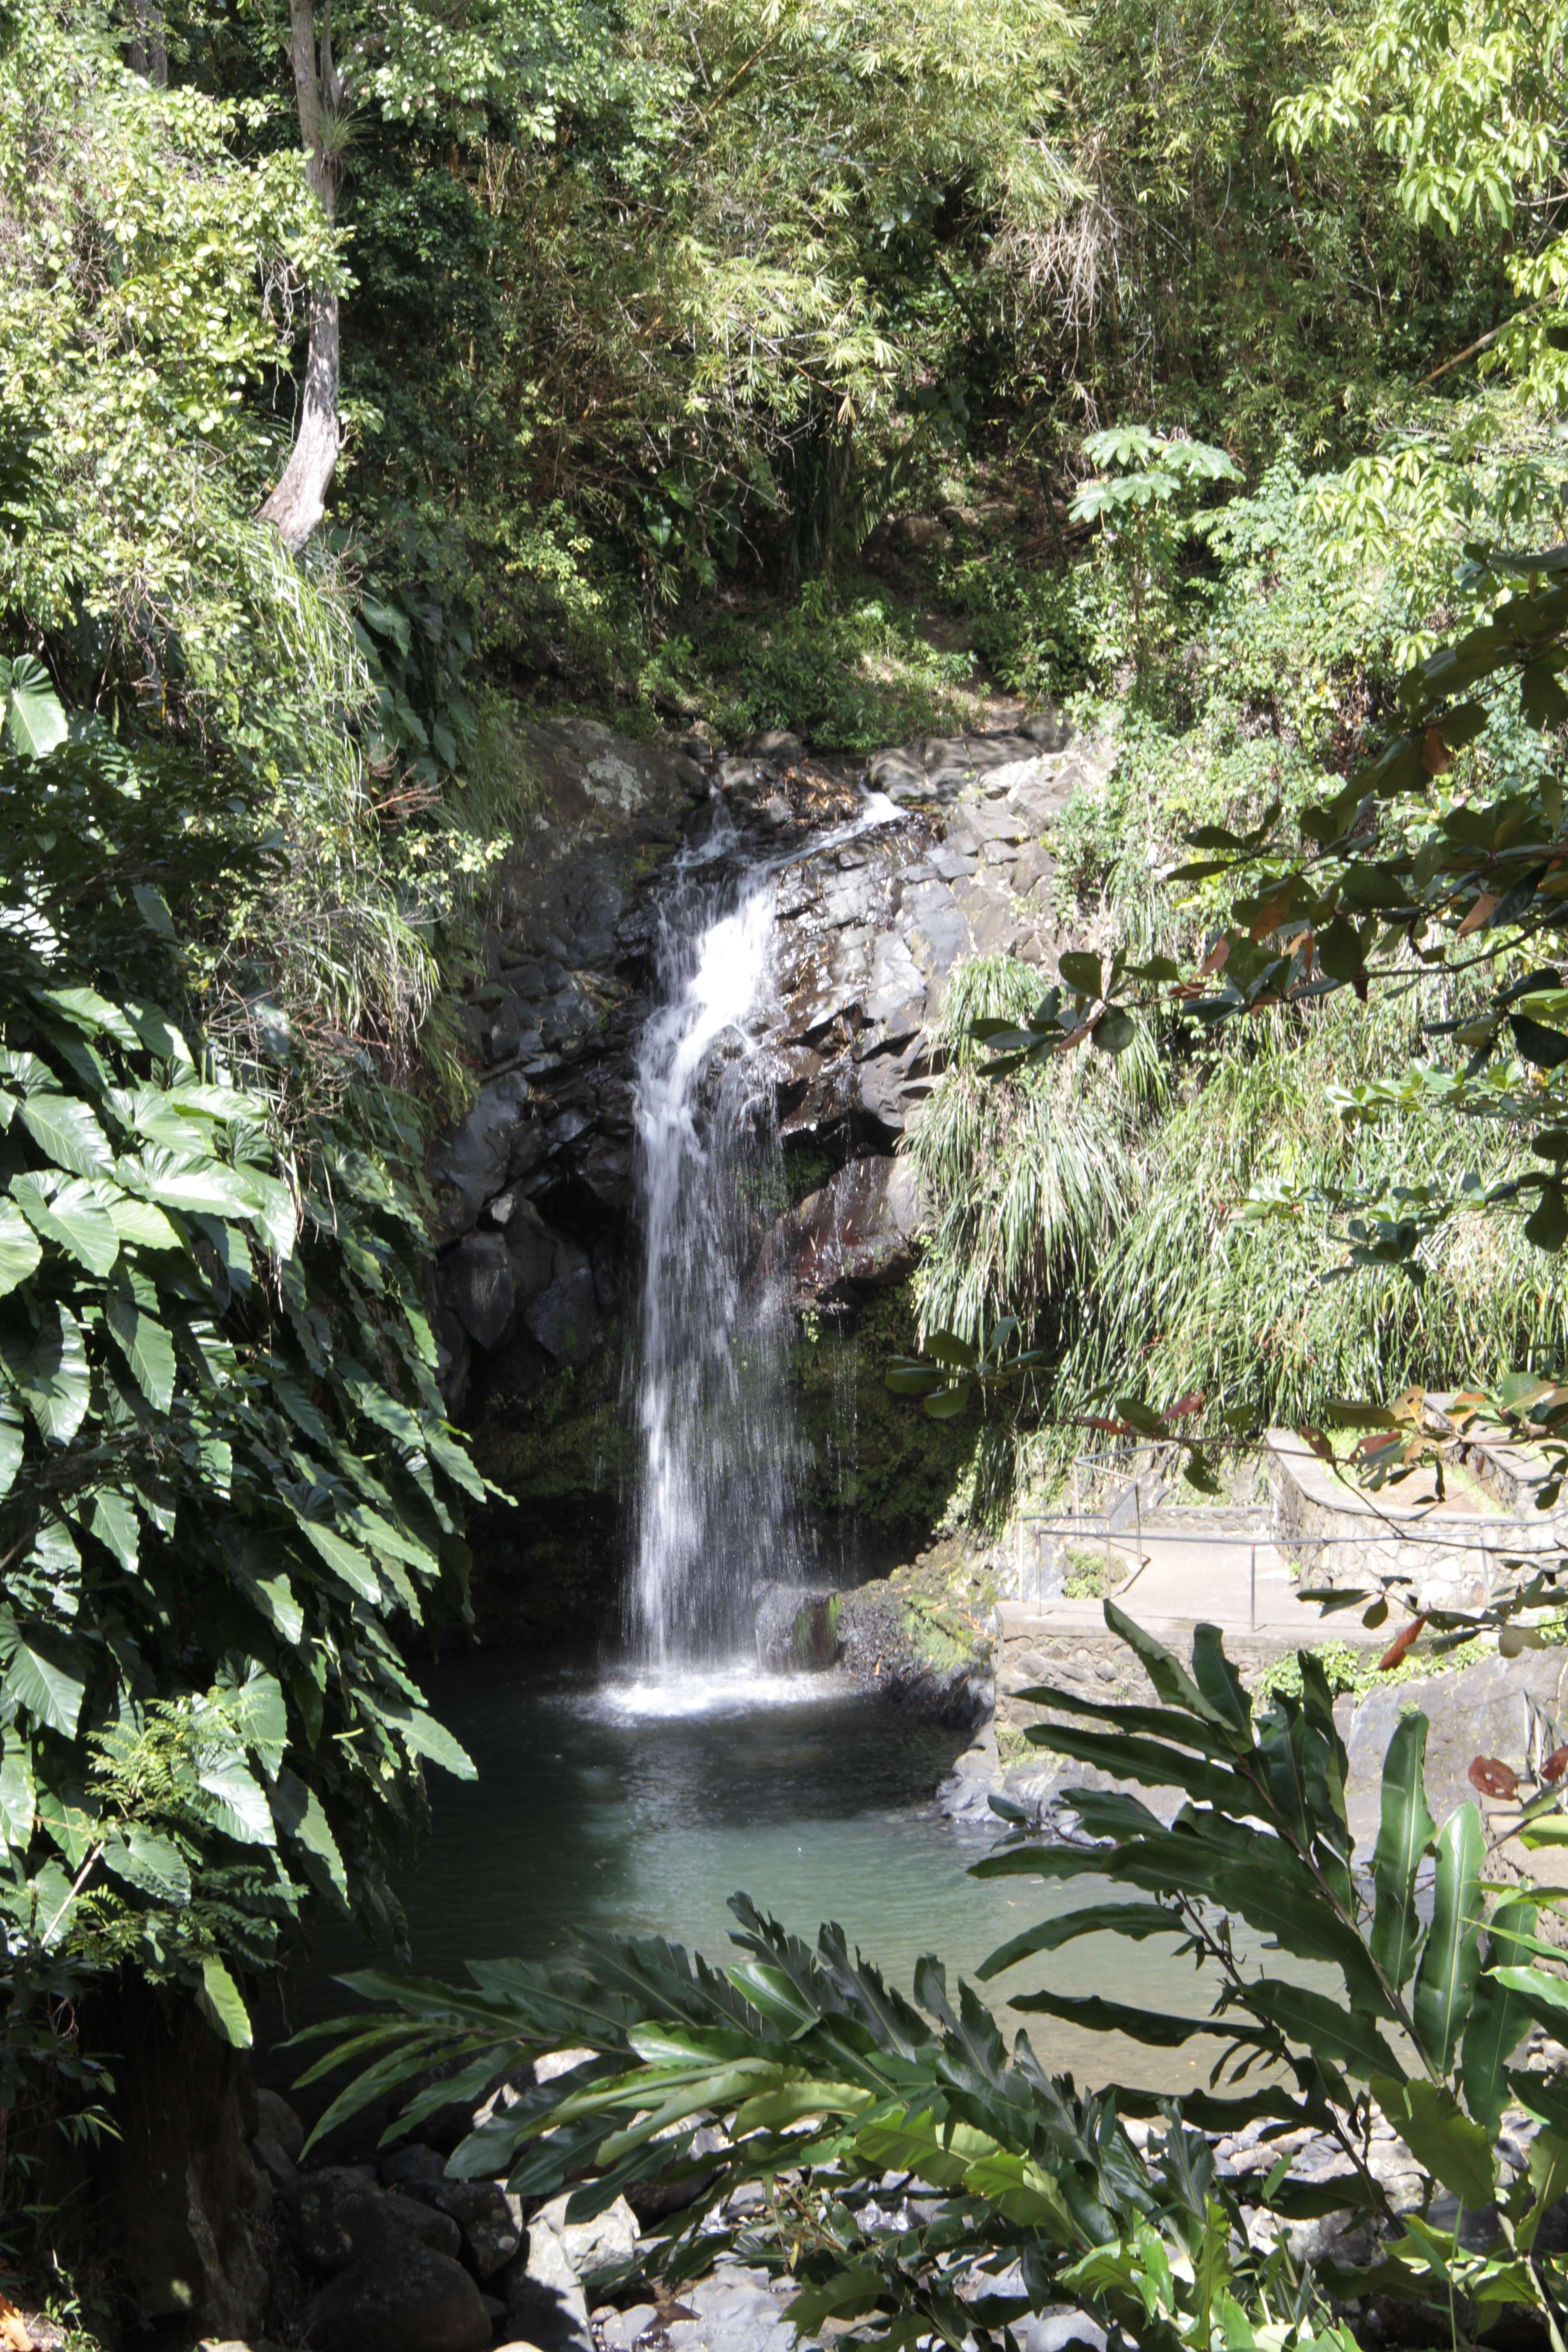 Grenade_0102 Annandale Waterfalls